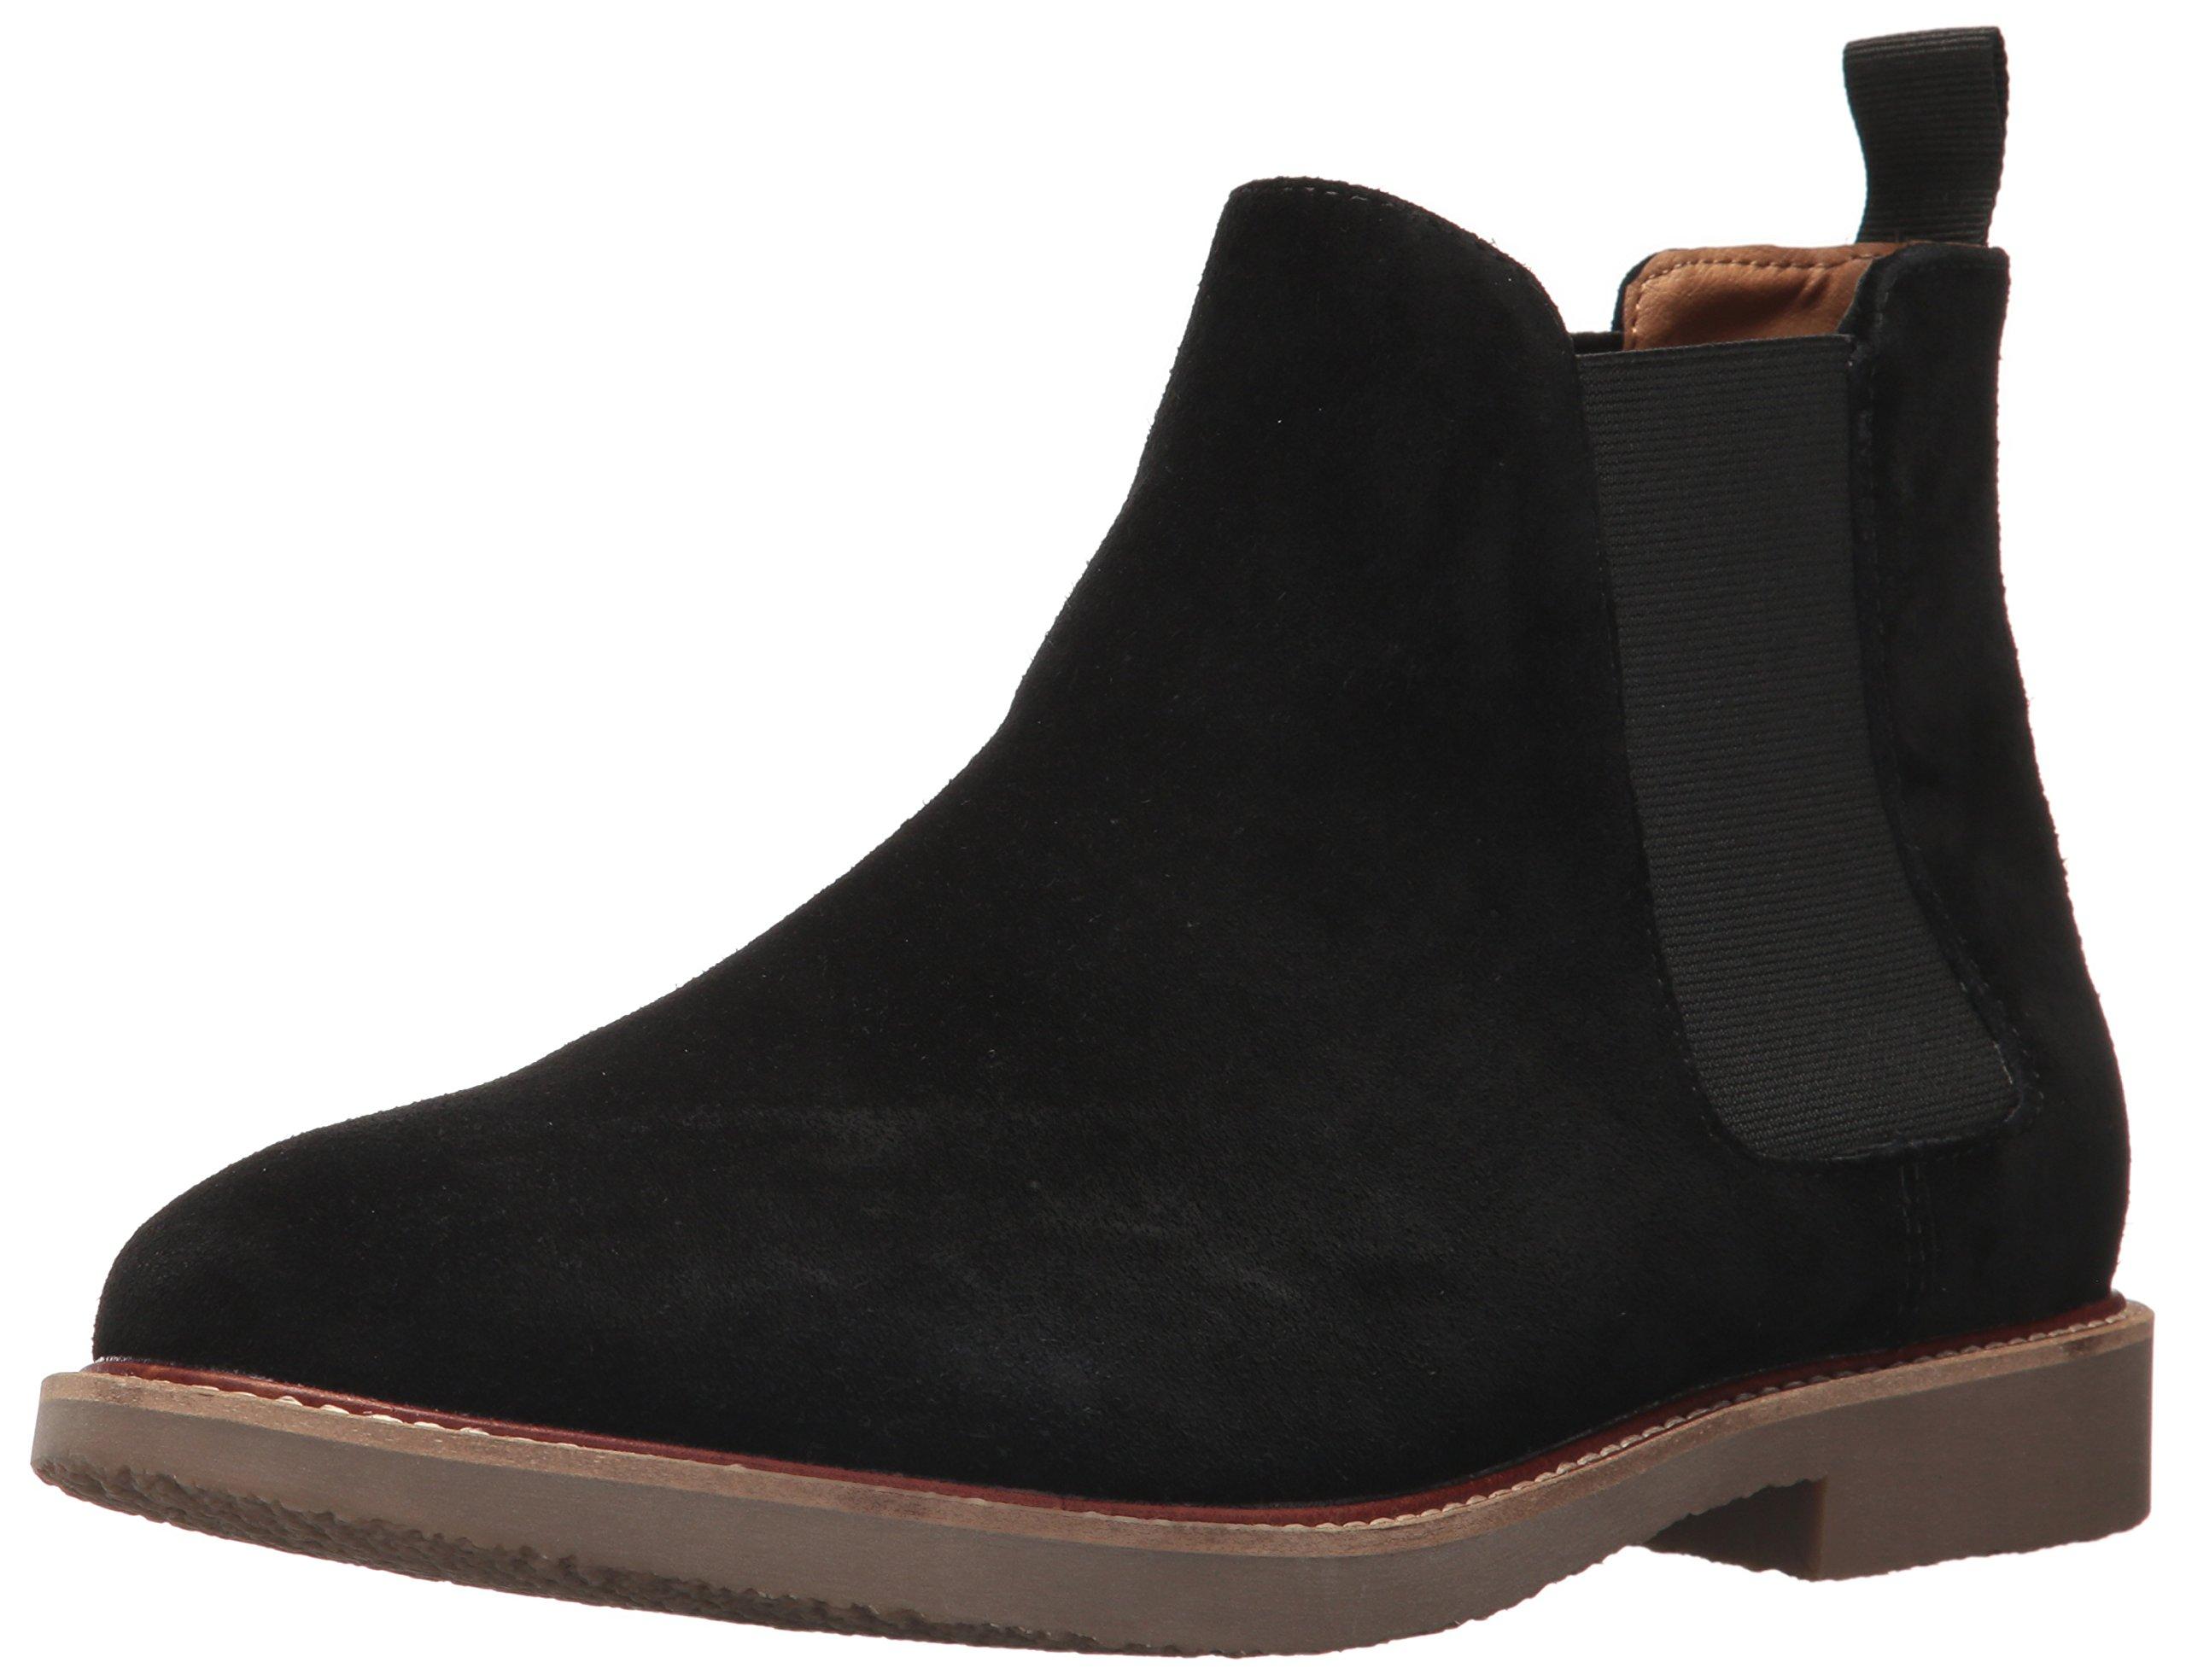 Steve Madden Men's Highline Chelsea Boot, Black Suede, 10 US/US Size Conversion M US